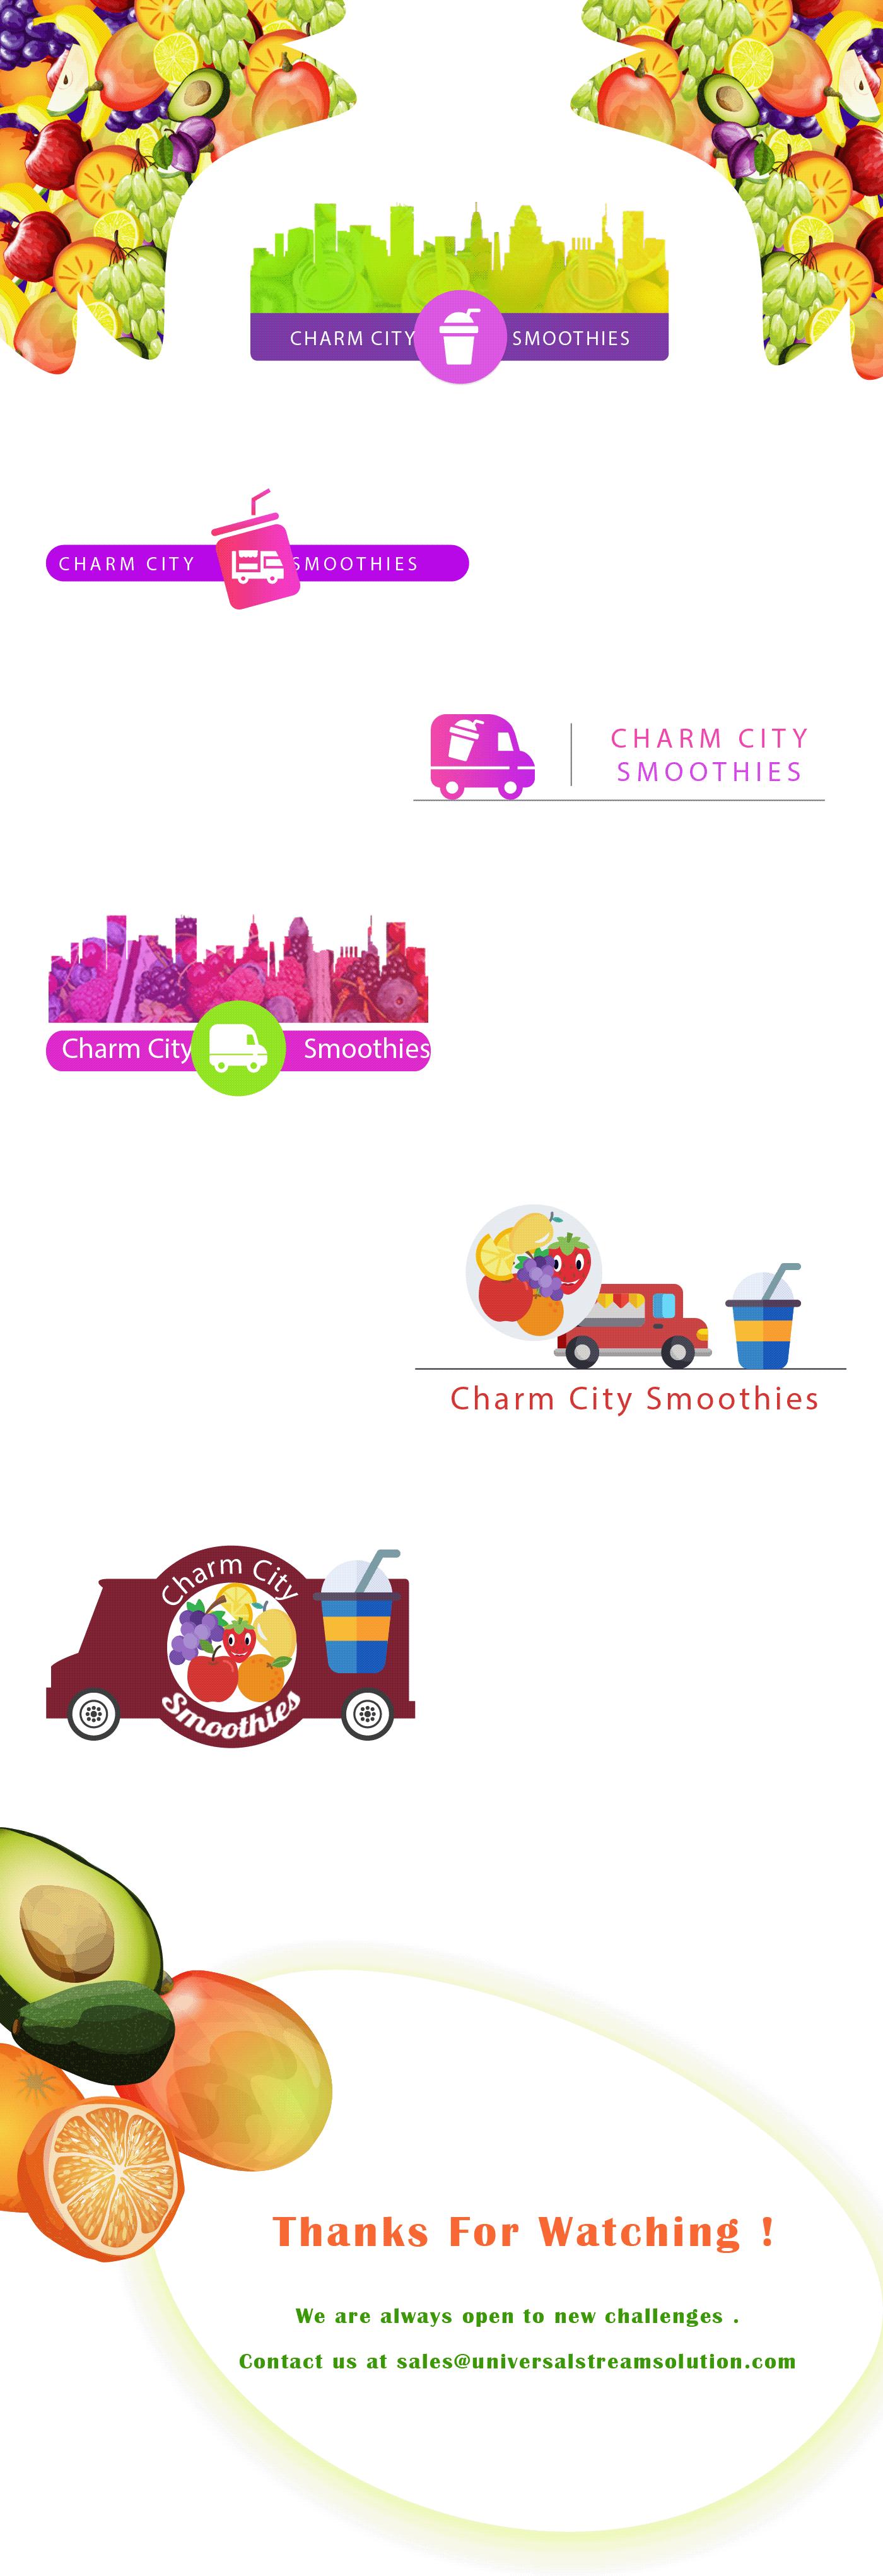 Image may contain: screenshot and cartoon